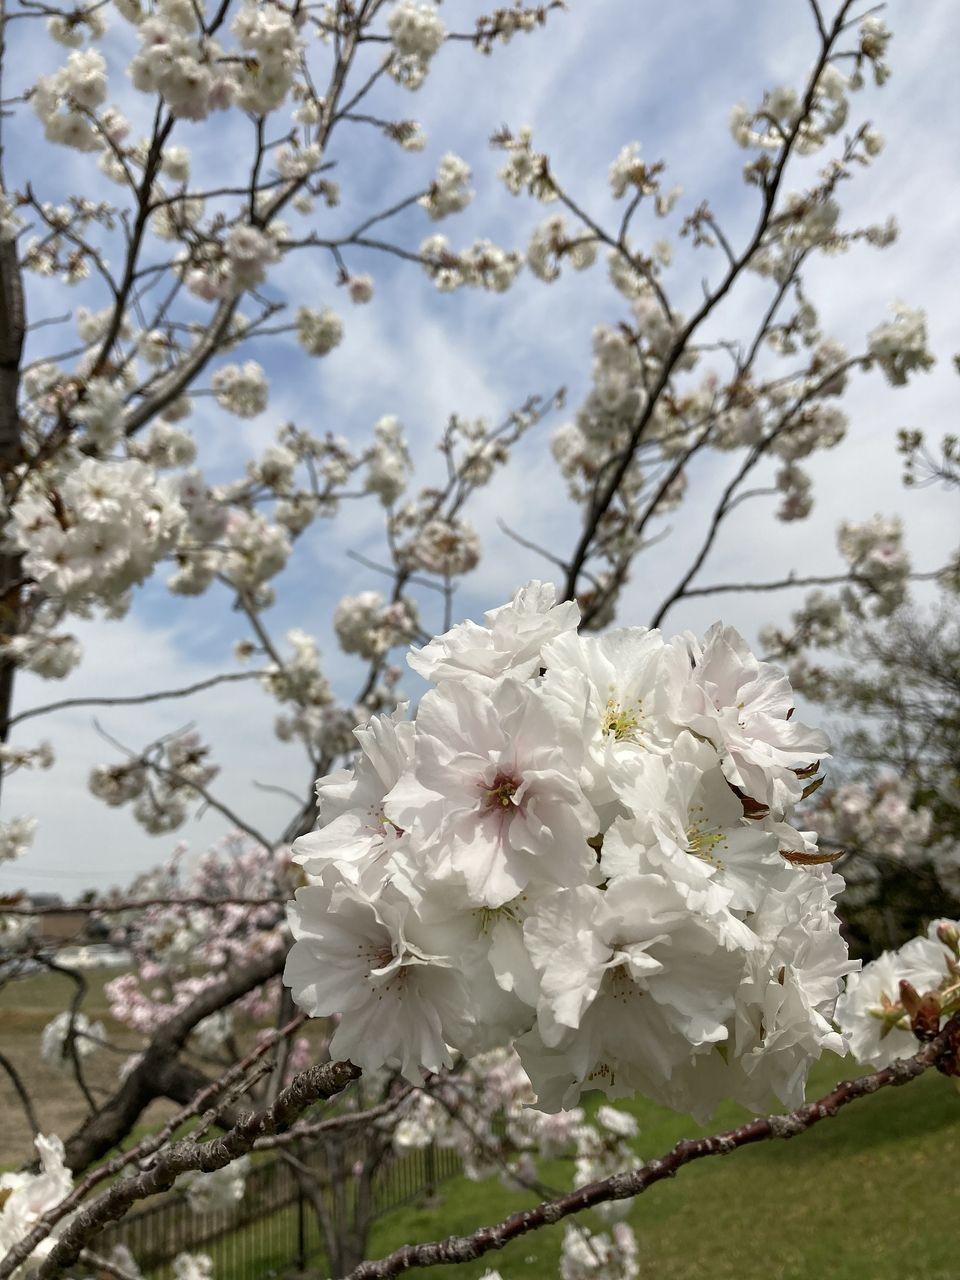 総合運動公園の八重桜満開!!(刈谷市)